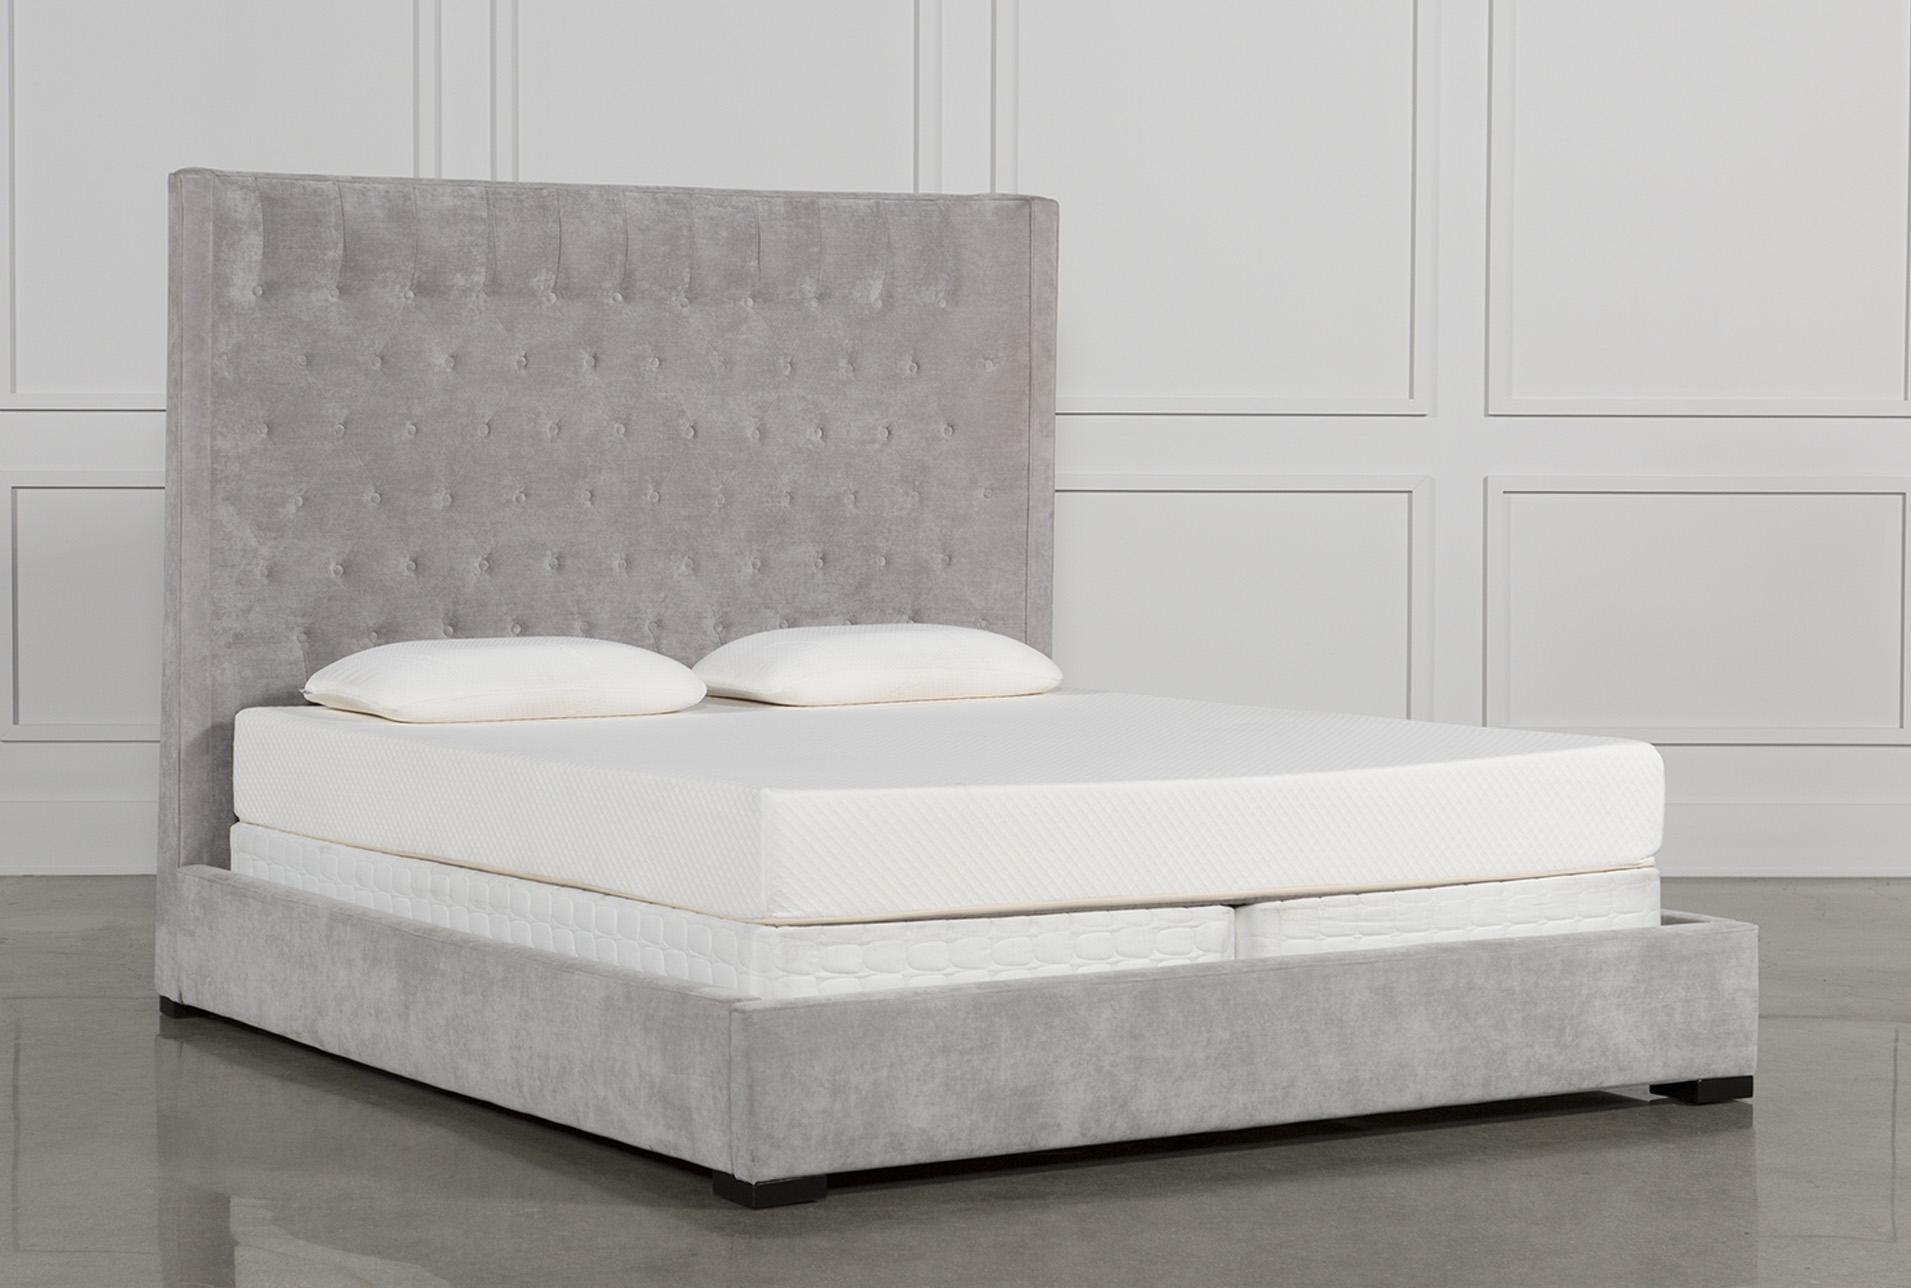 Merveilleux Madeline Eastern King Upholstered Panel Bed